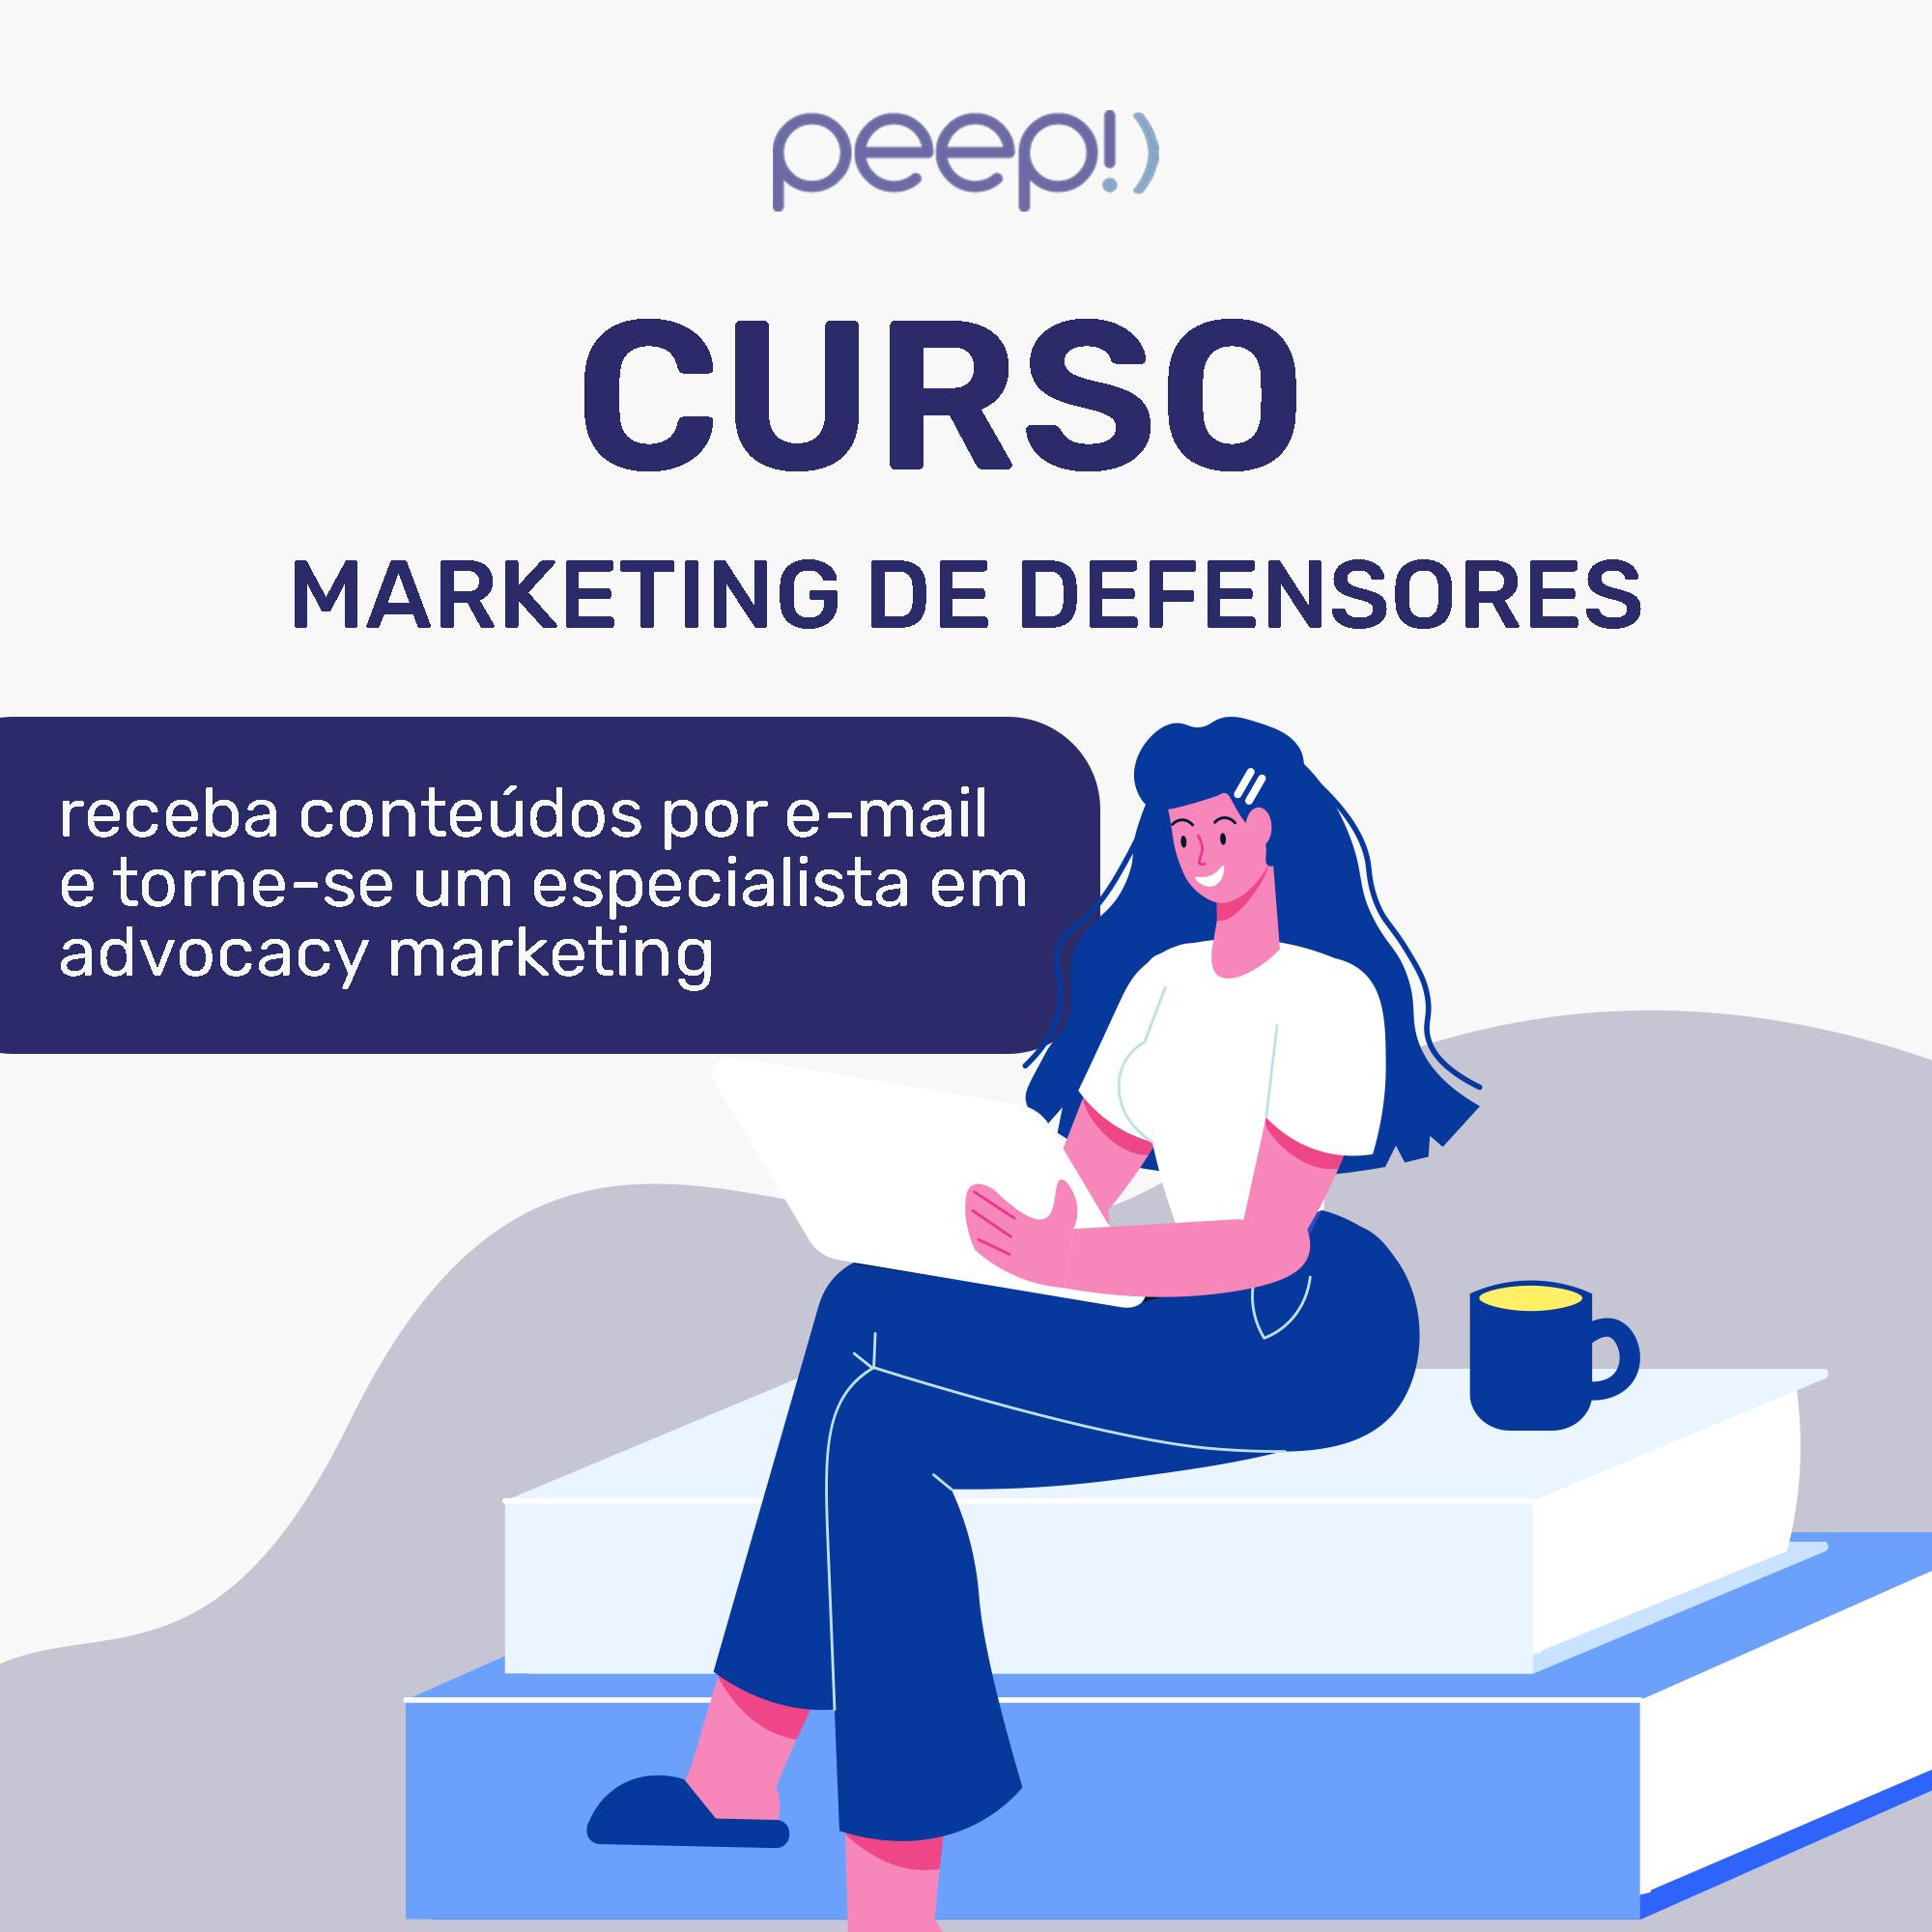 Curso Marketing de Defensores